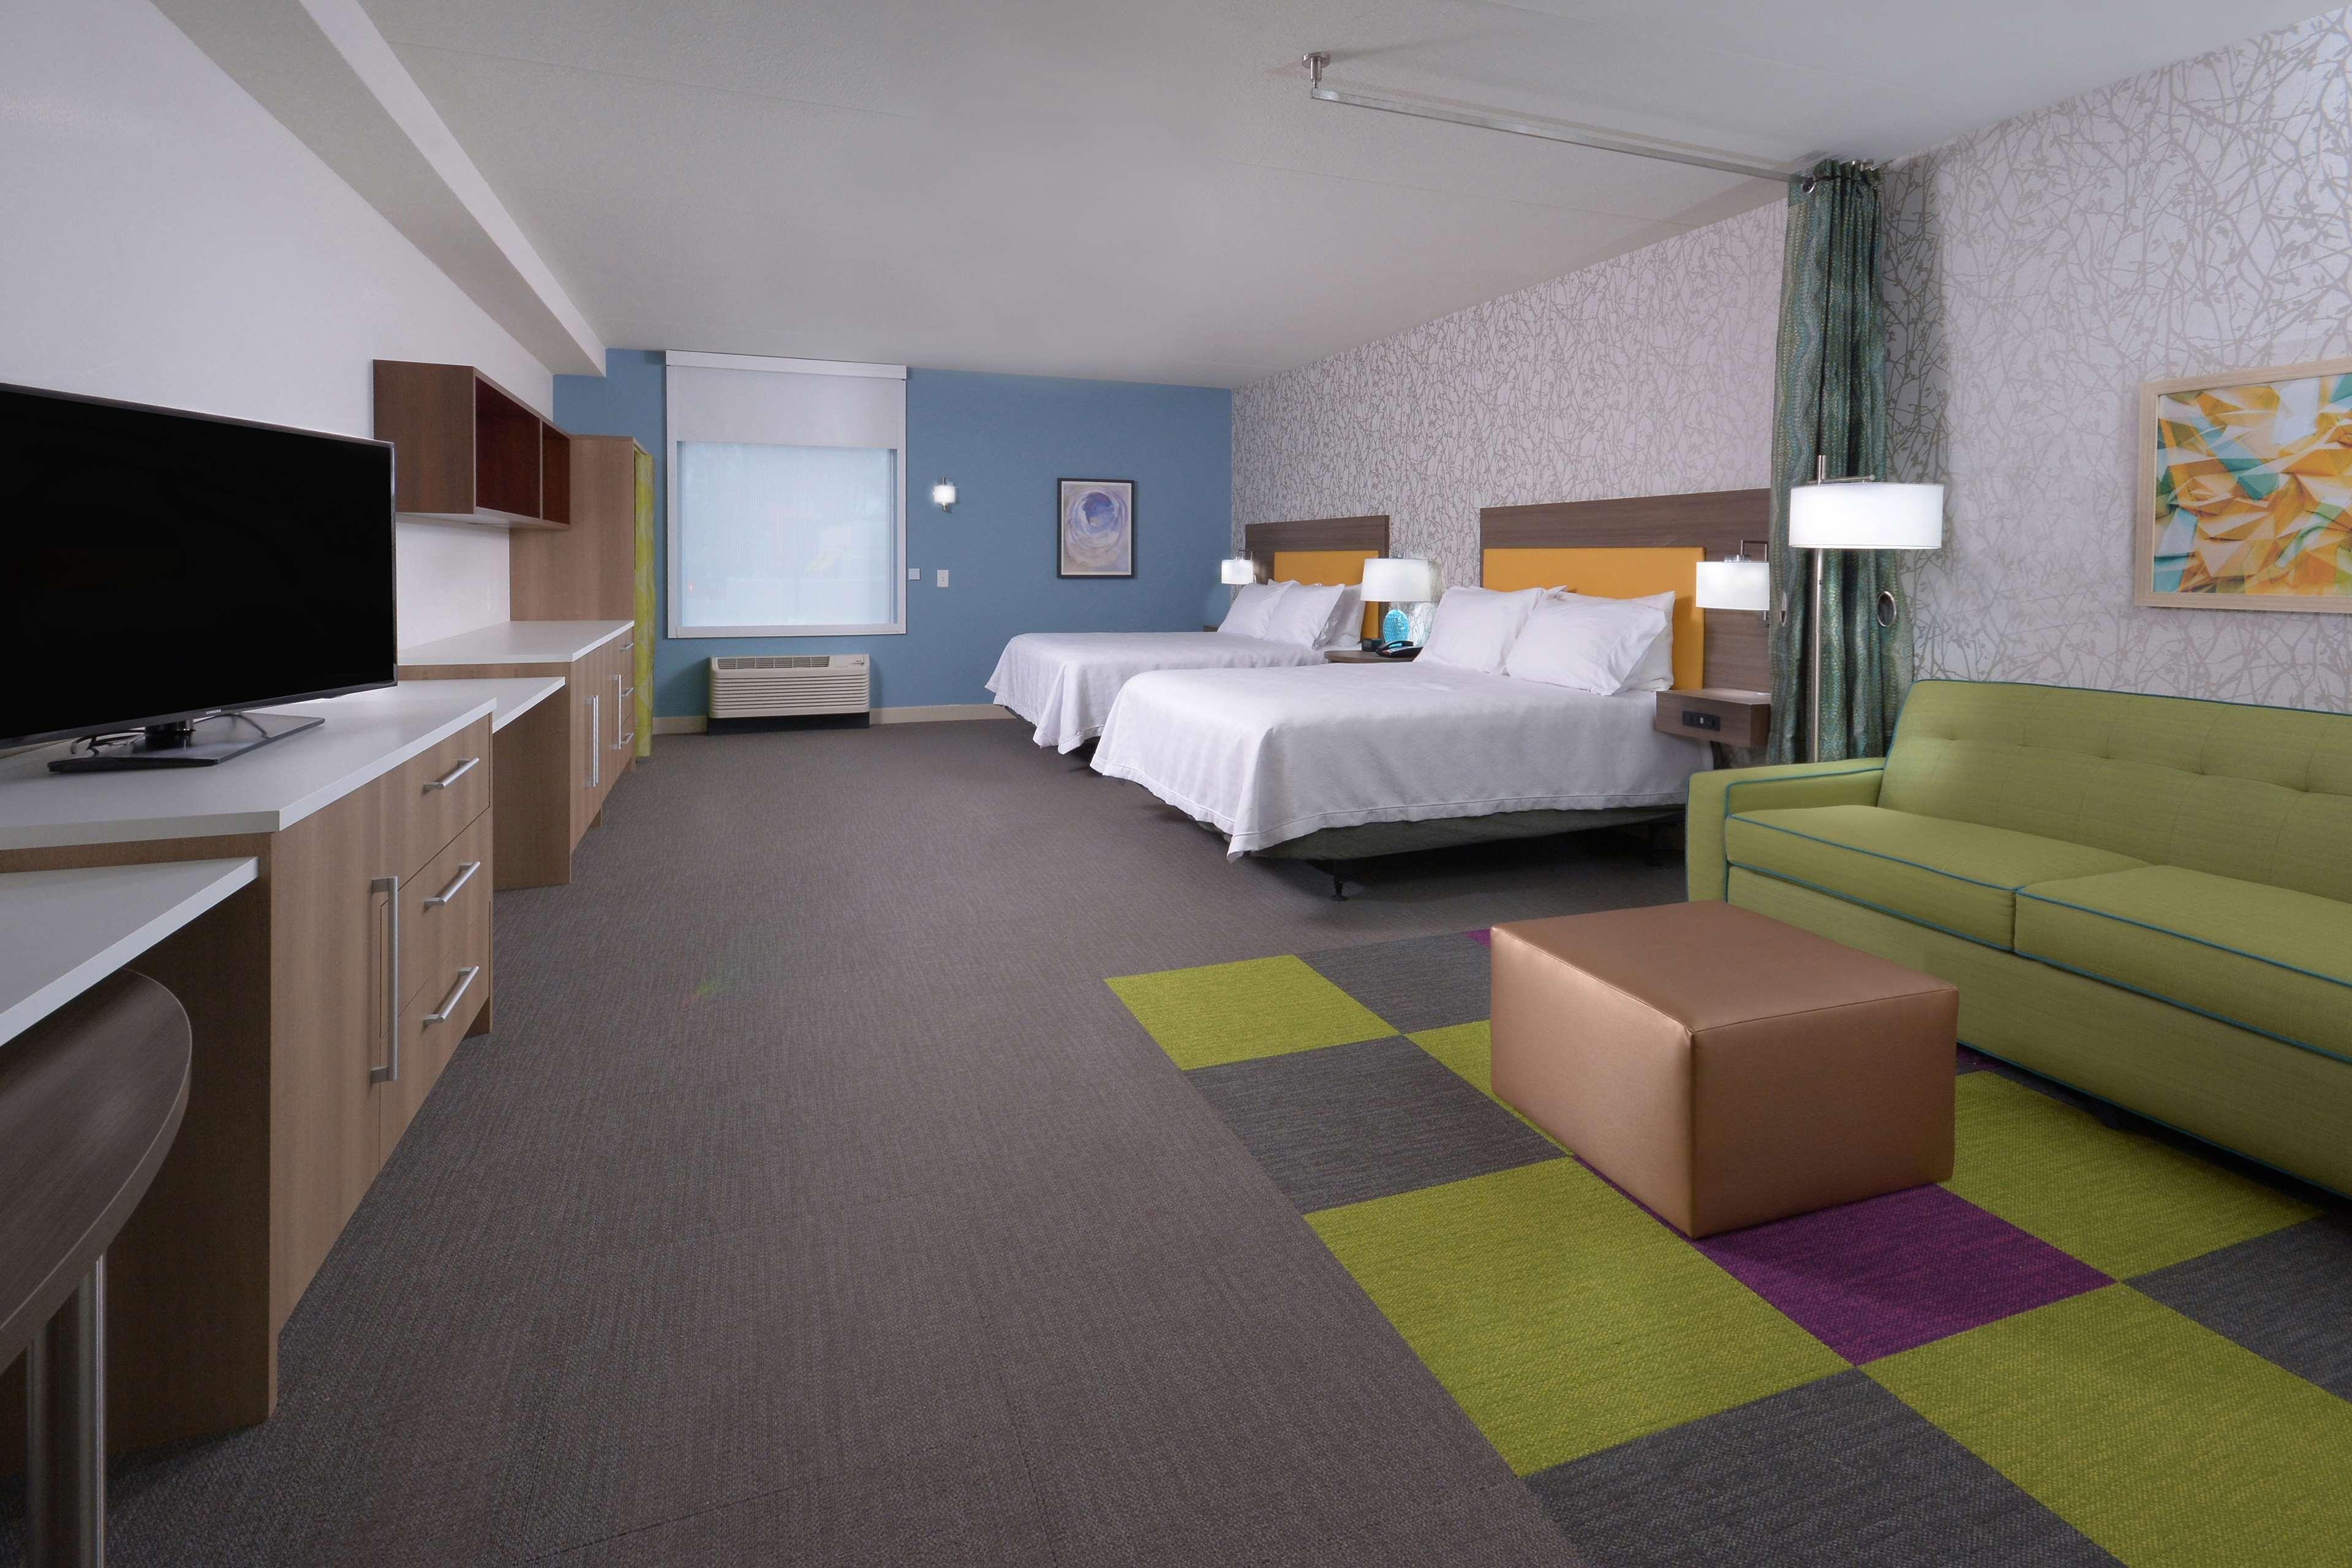 Home2 Suites by Hilton Duncan image 31